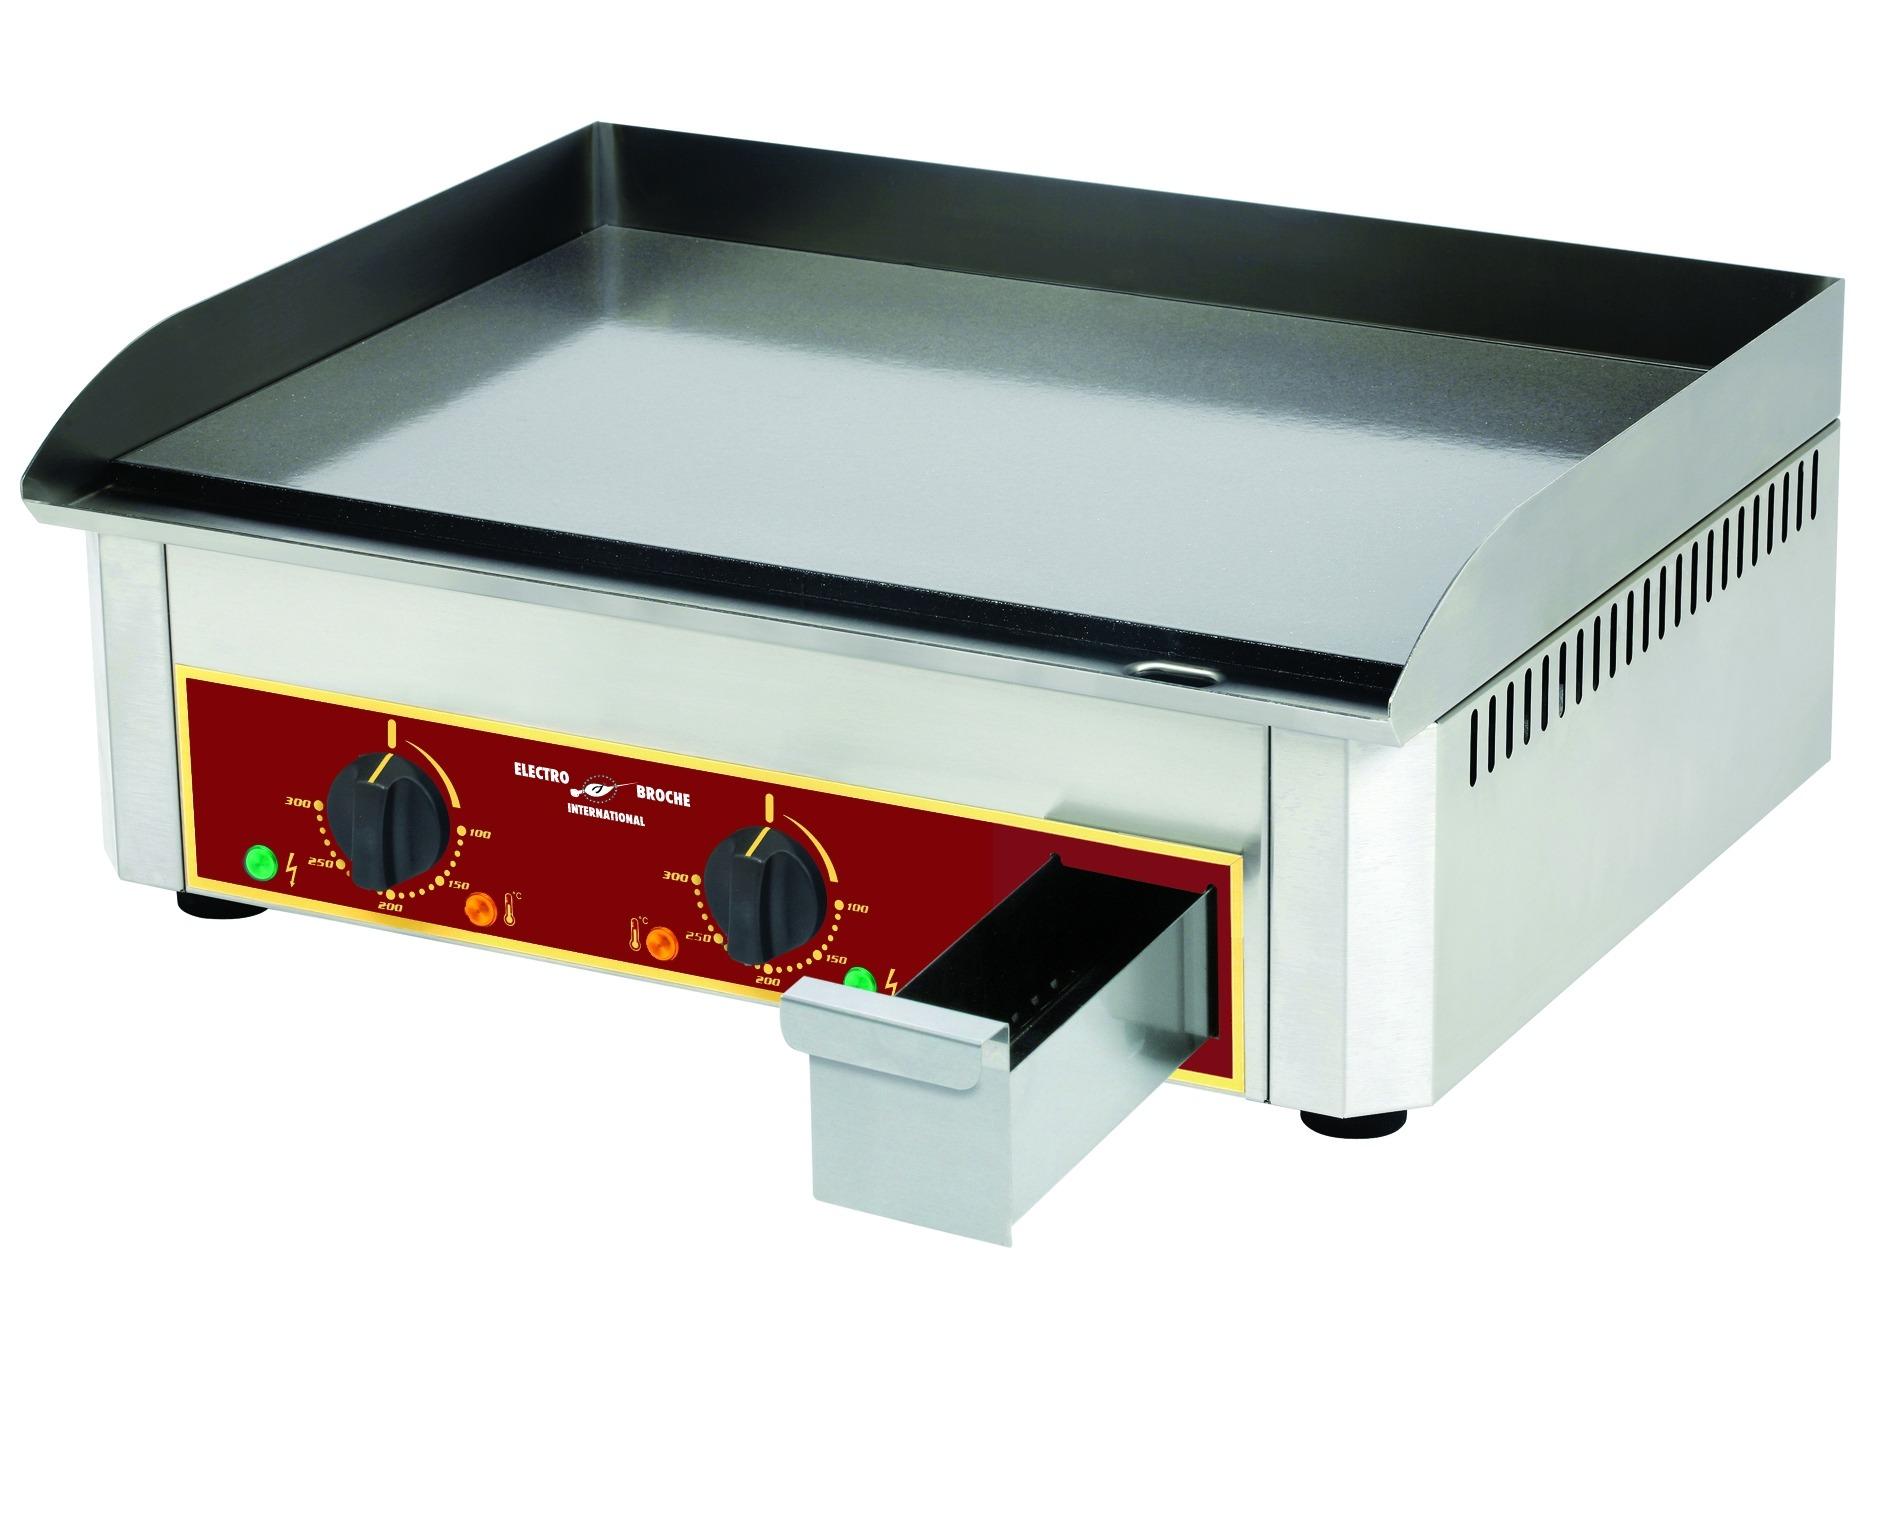 Choisir Une Plancha Professionnelle plancha professionnelle - Électrique - plan de cuisson acier lisse - 900 x  400